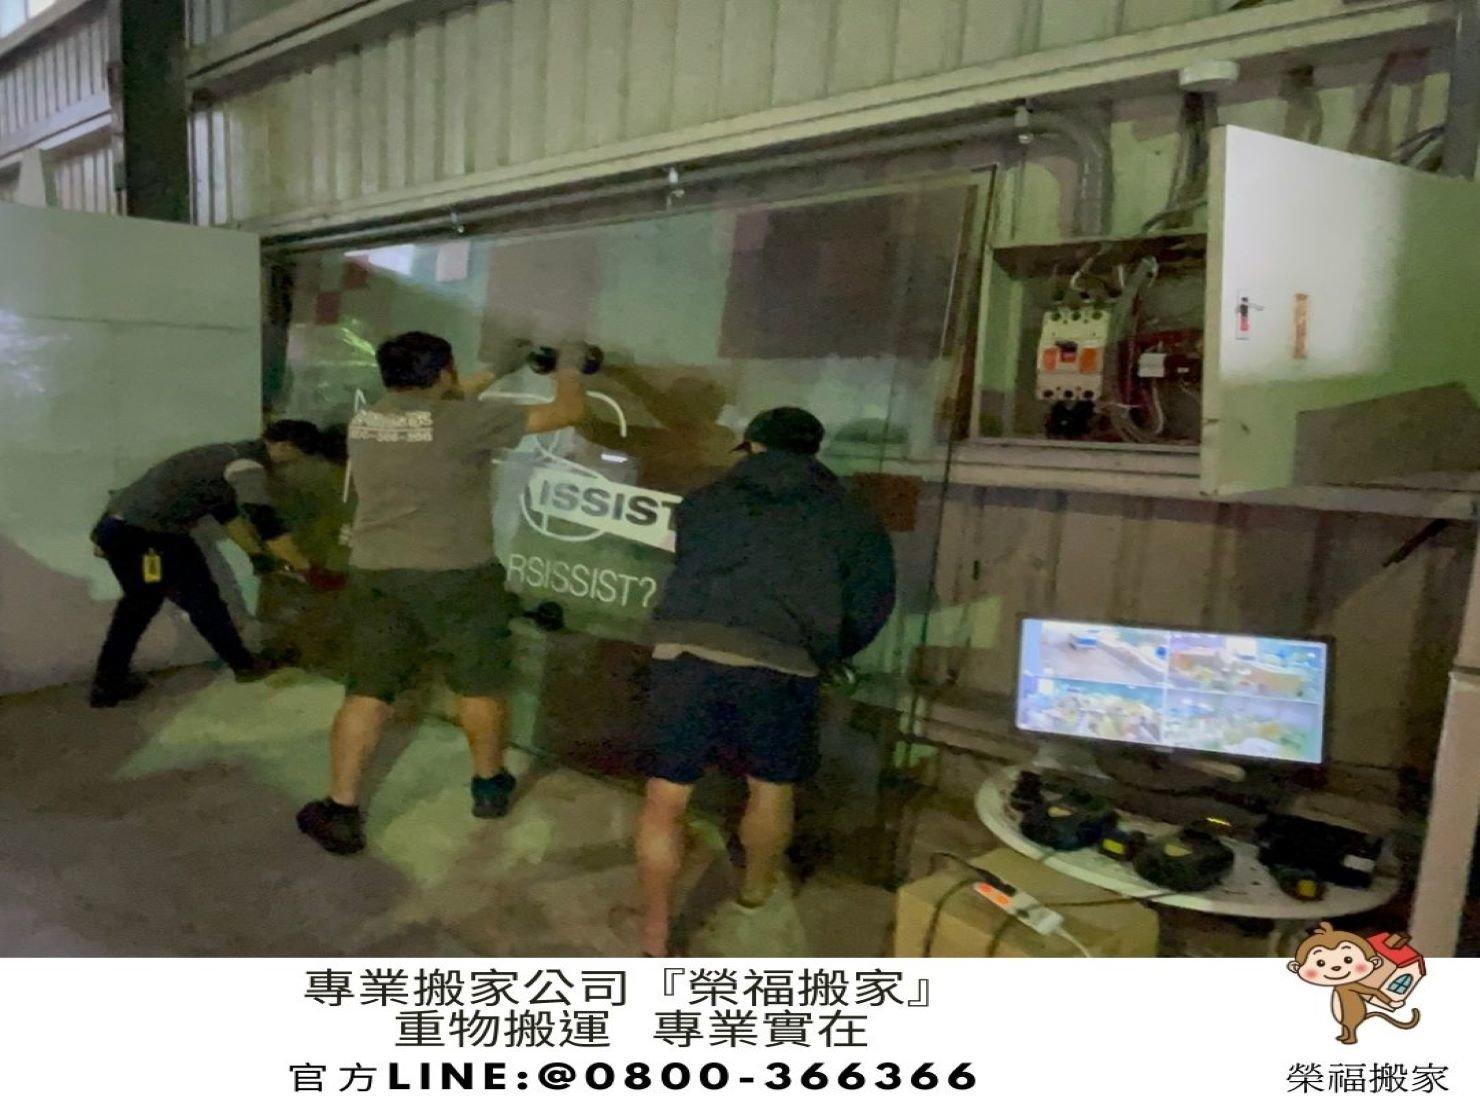 【重物搬運實錄】專業搬家特殊重物重達250公斤『搬玻璃片』,謹慎安全搬運服務